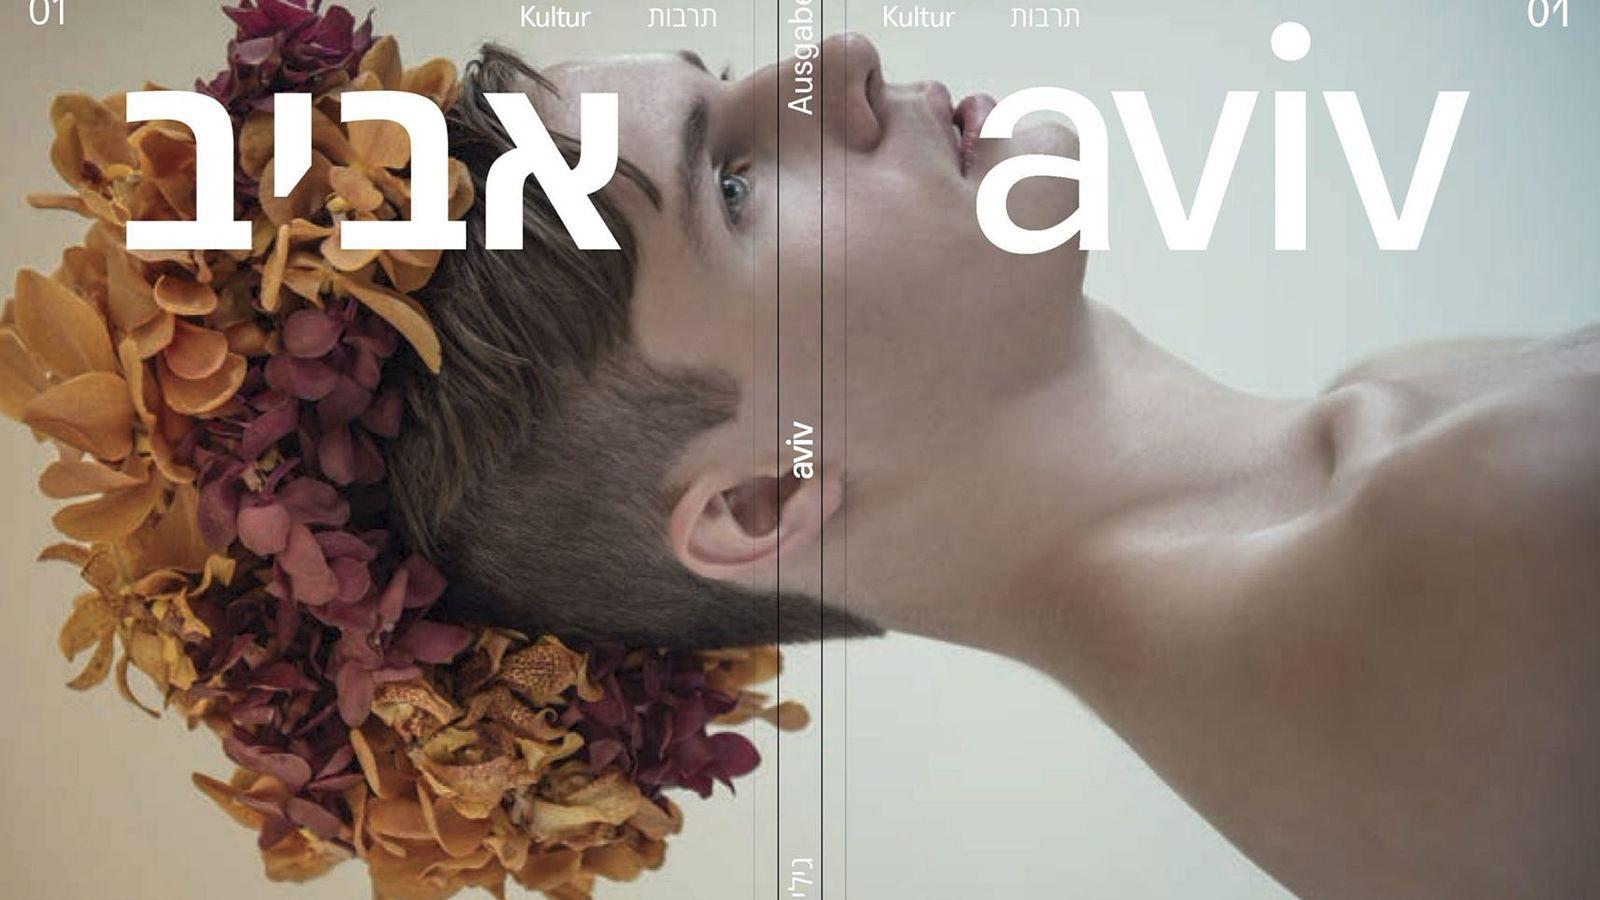 Magazin/ Aviv COVER